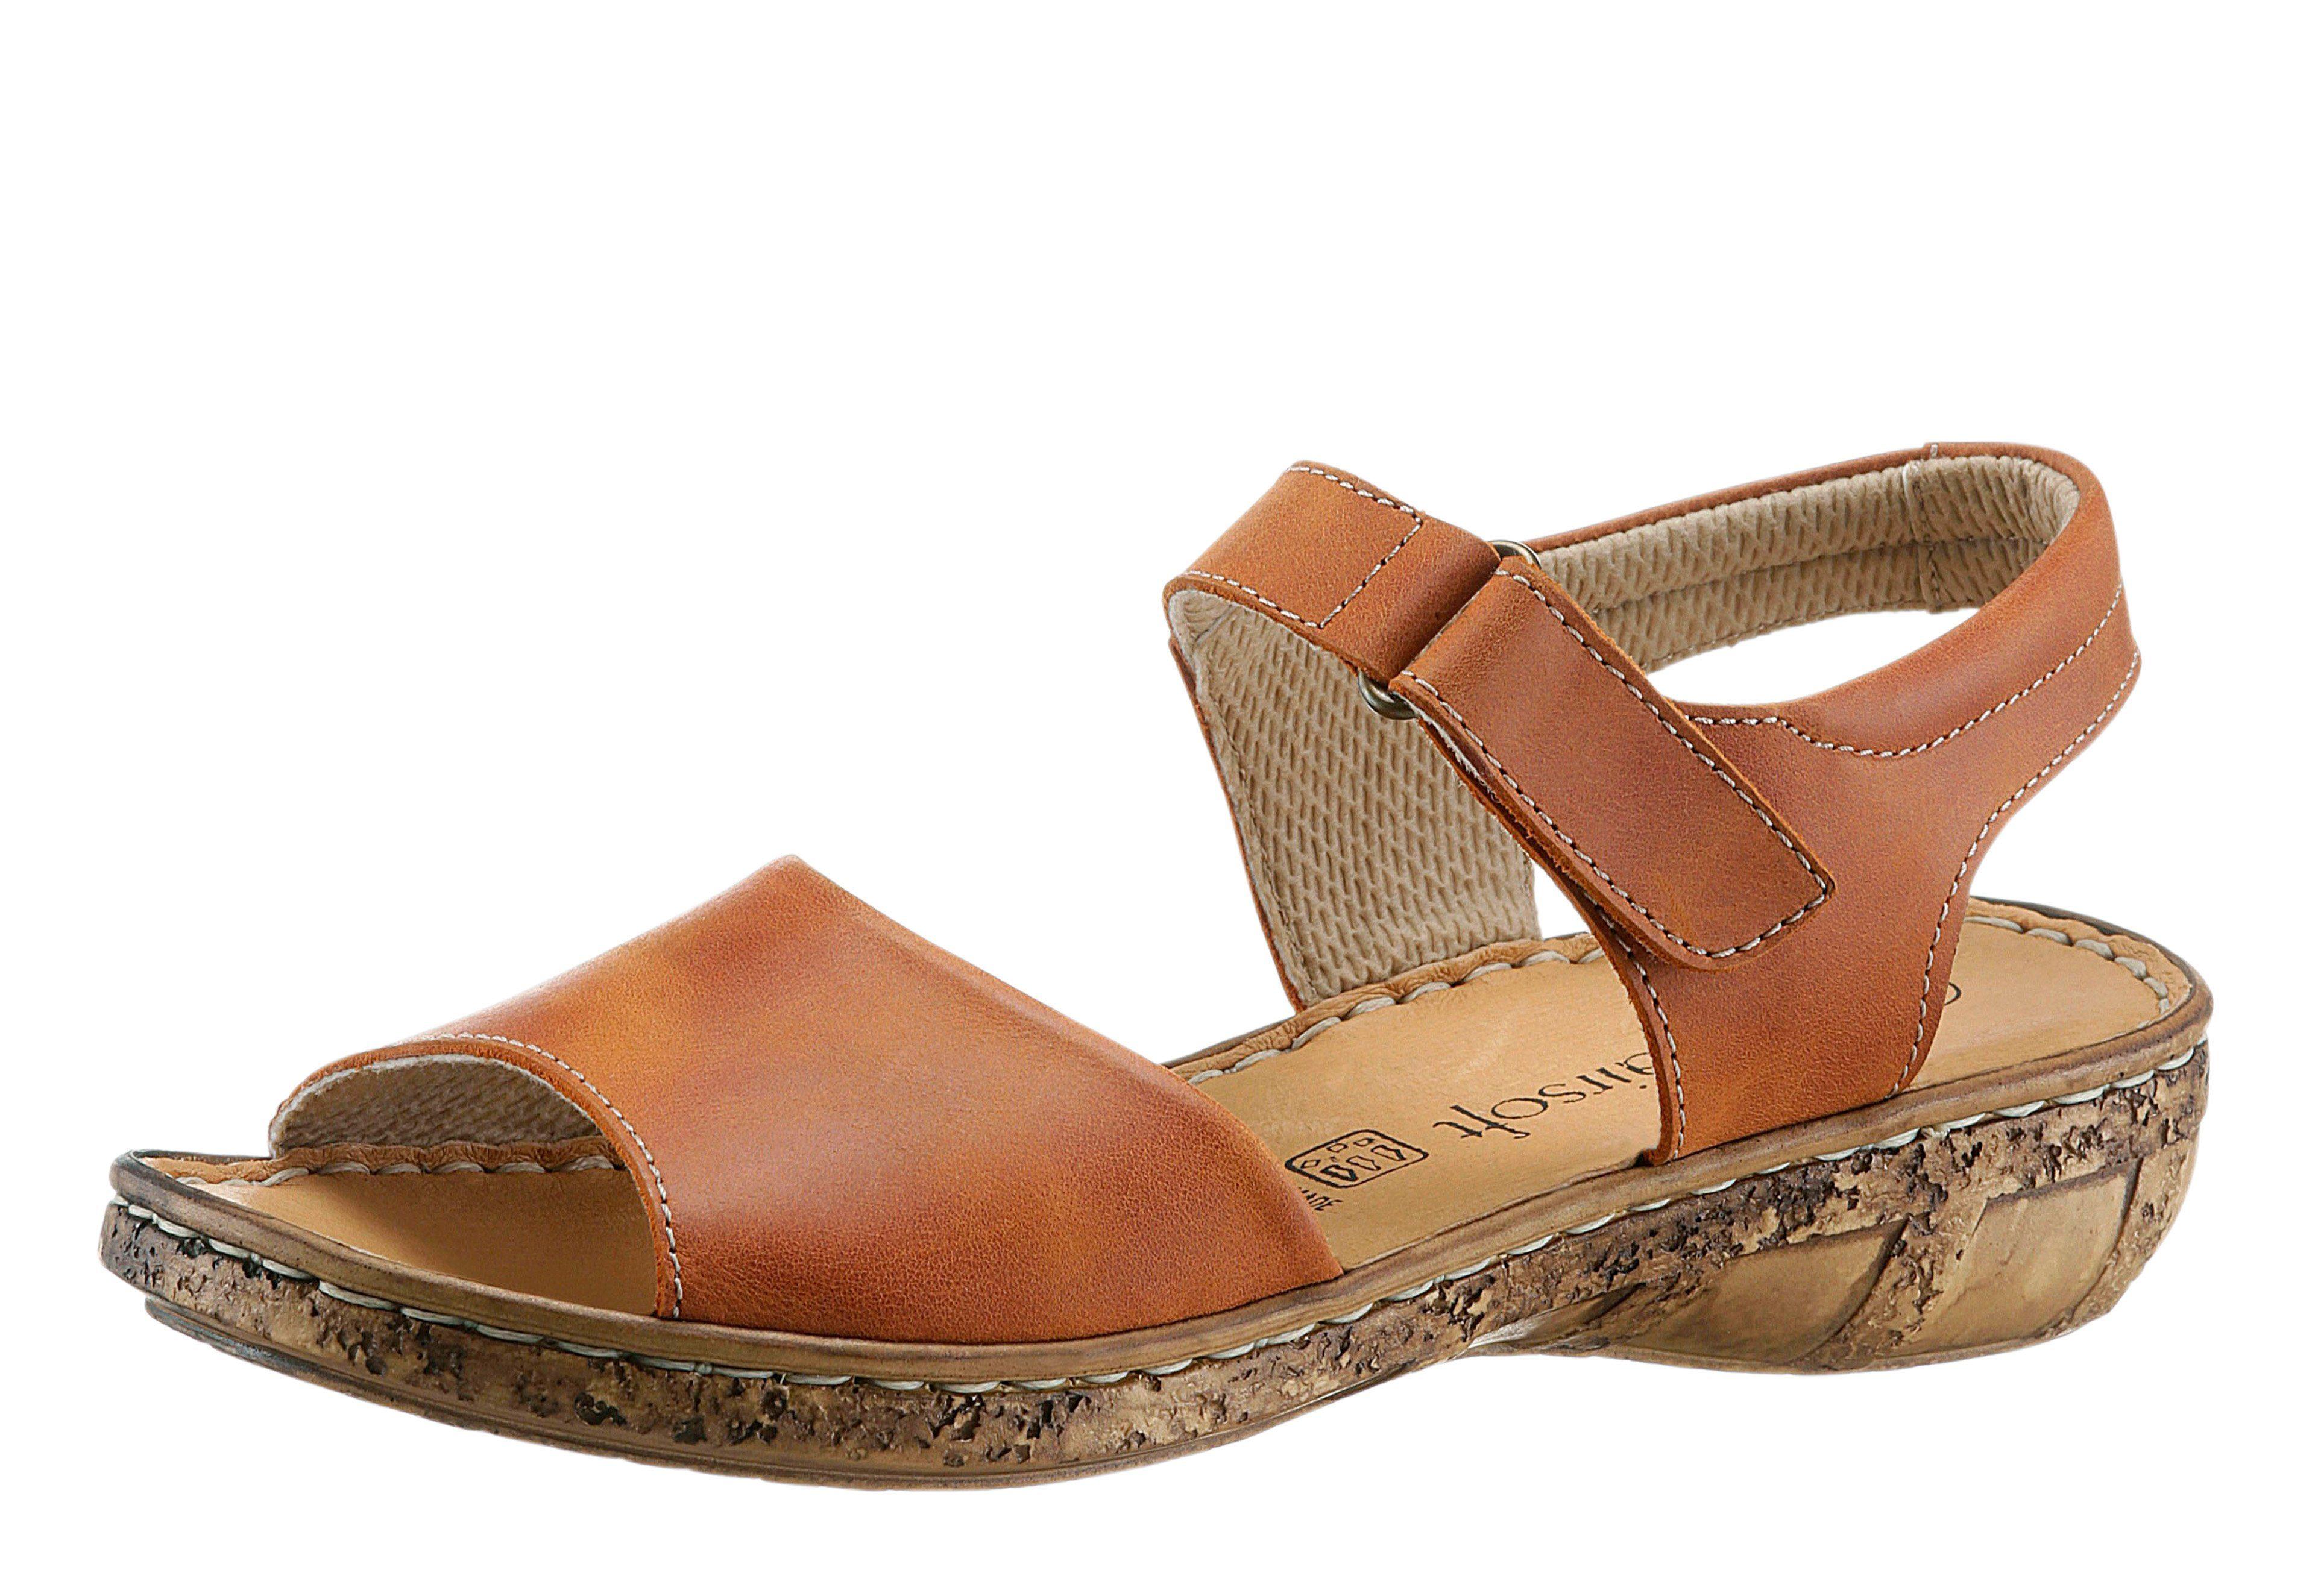 Airsoft Sandalette mit PU-Laufsohle online kaufen  camel